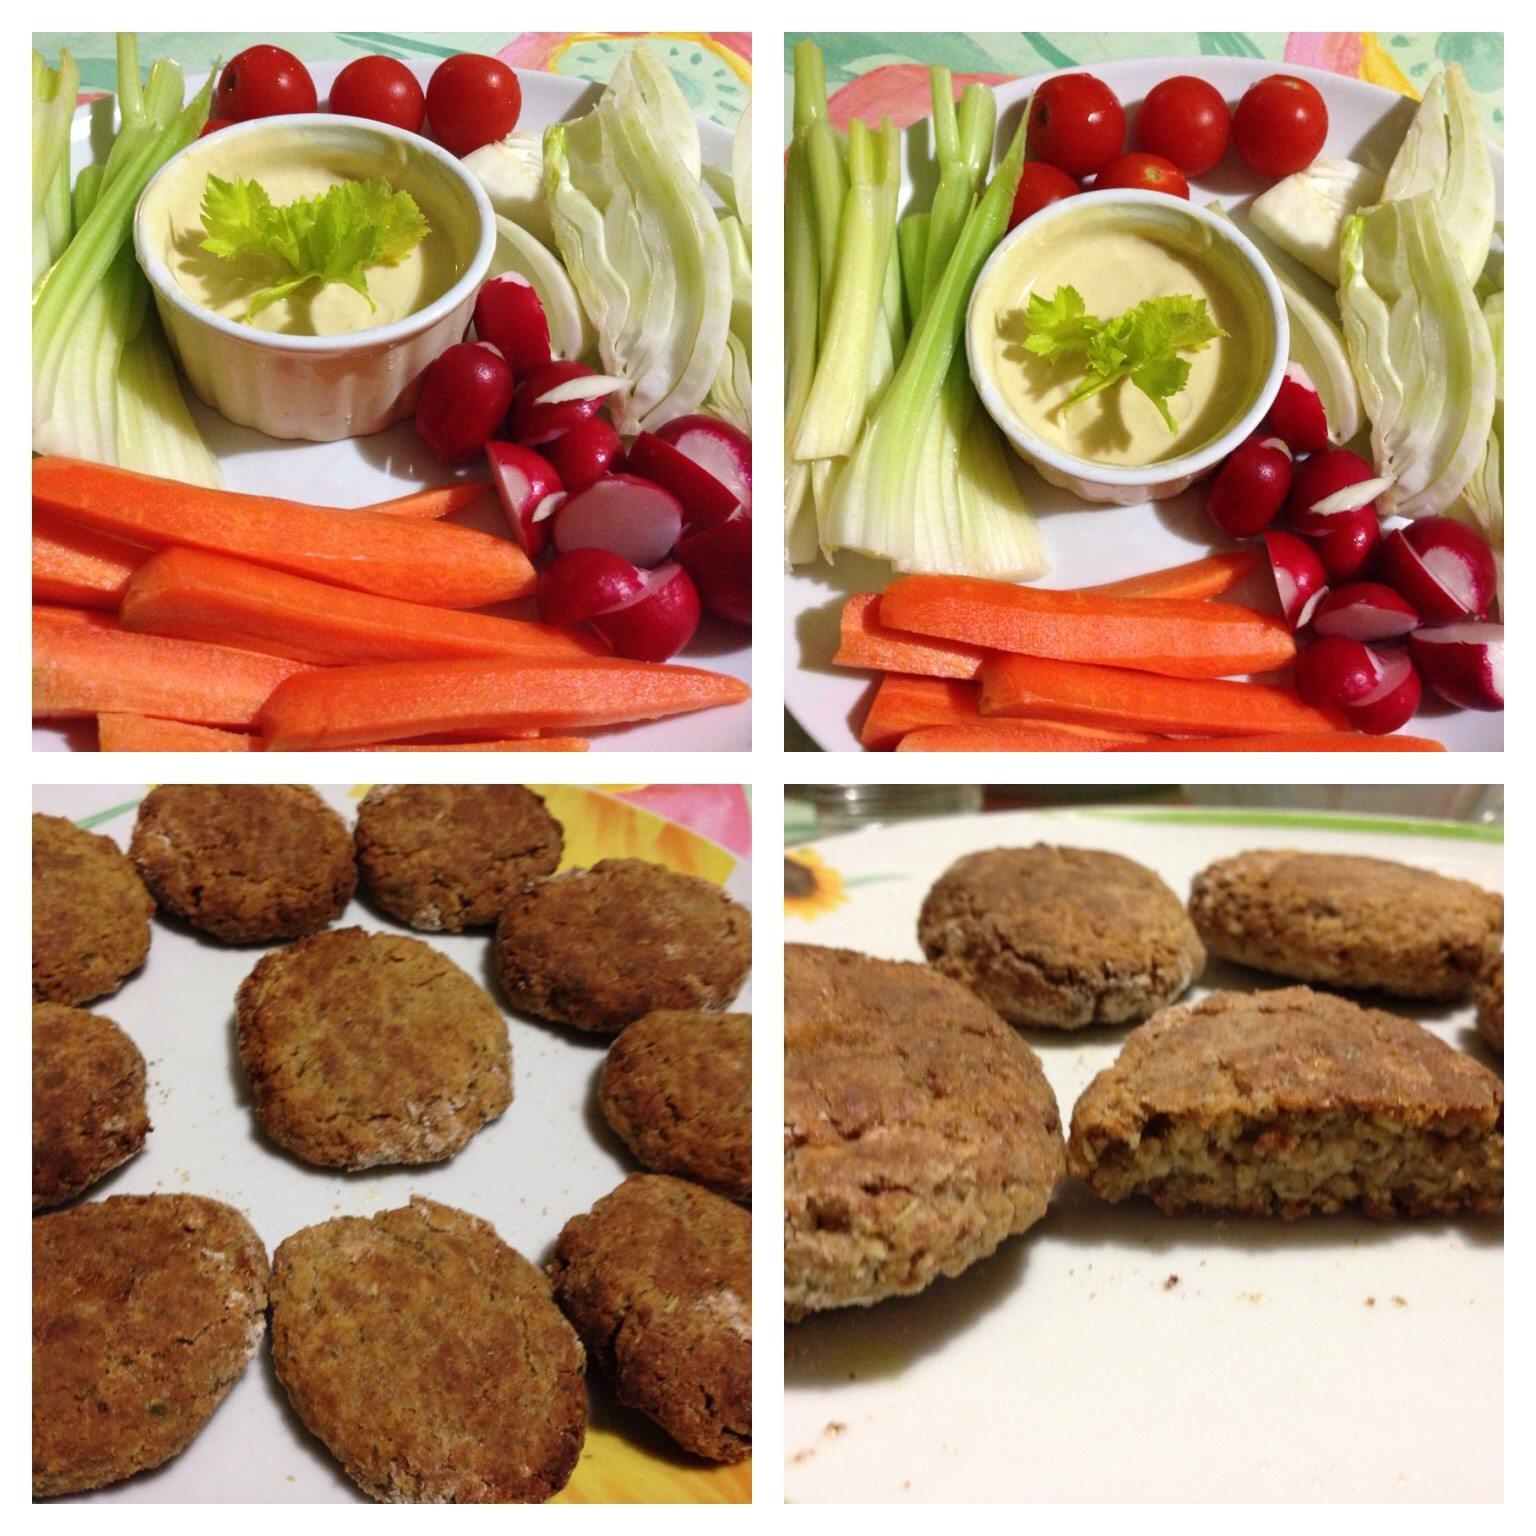 Salsa vegetale allo yogurt cucinare sano e gustoso - Cucinare sano e gustoso ...